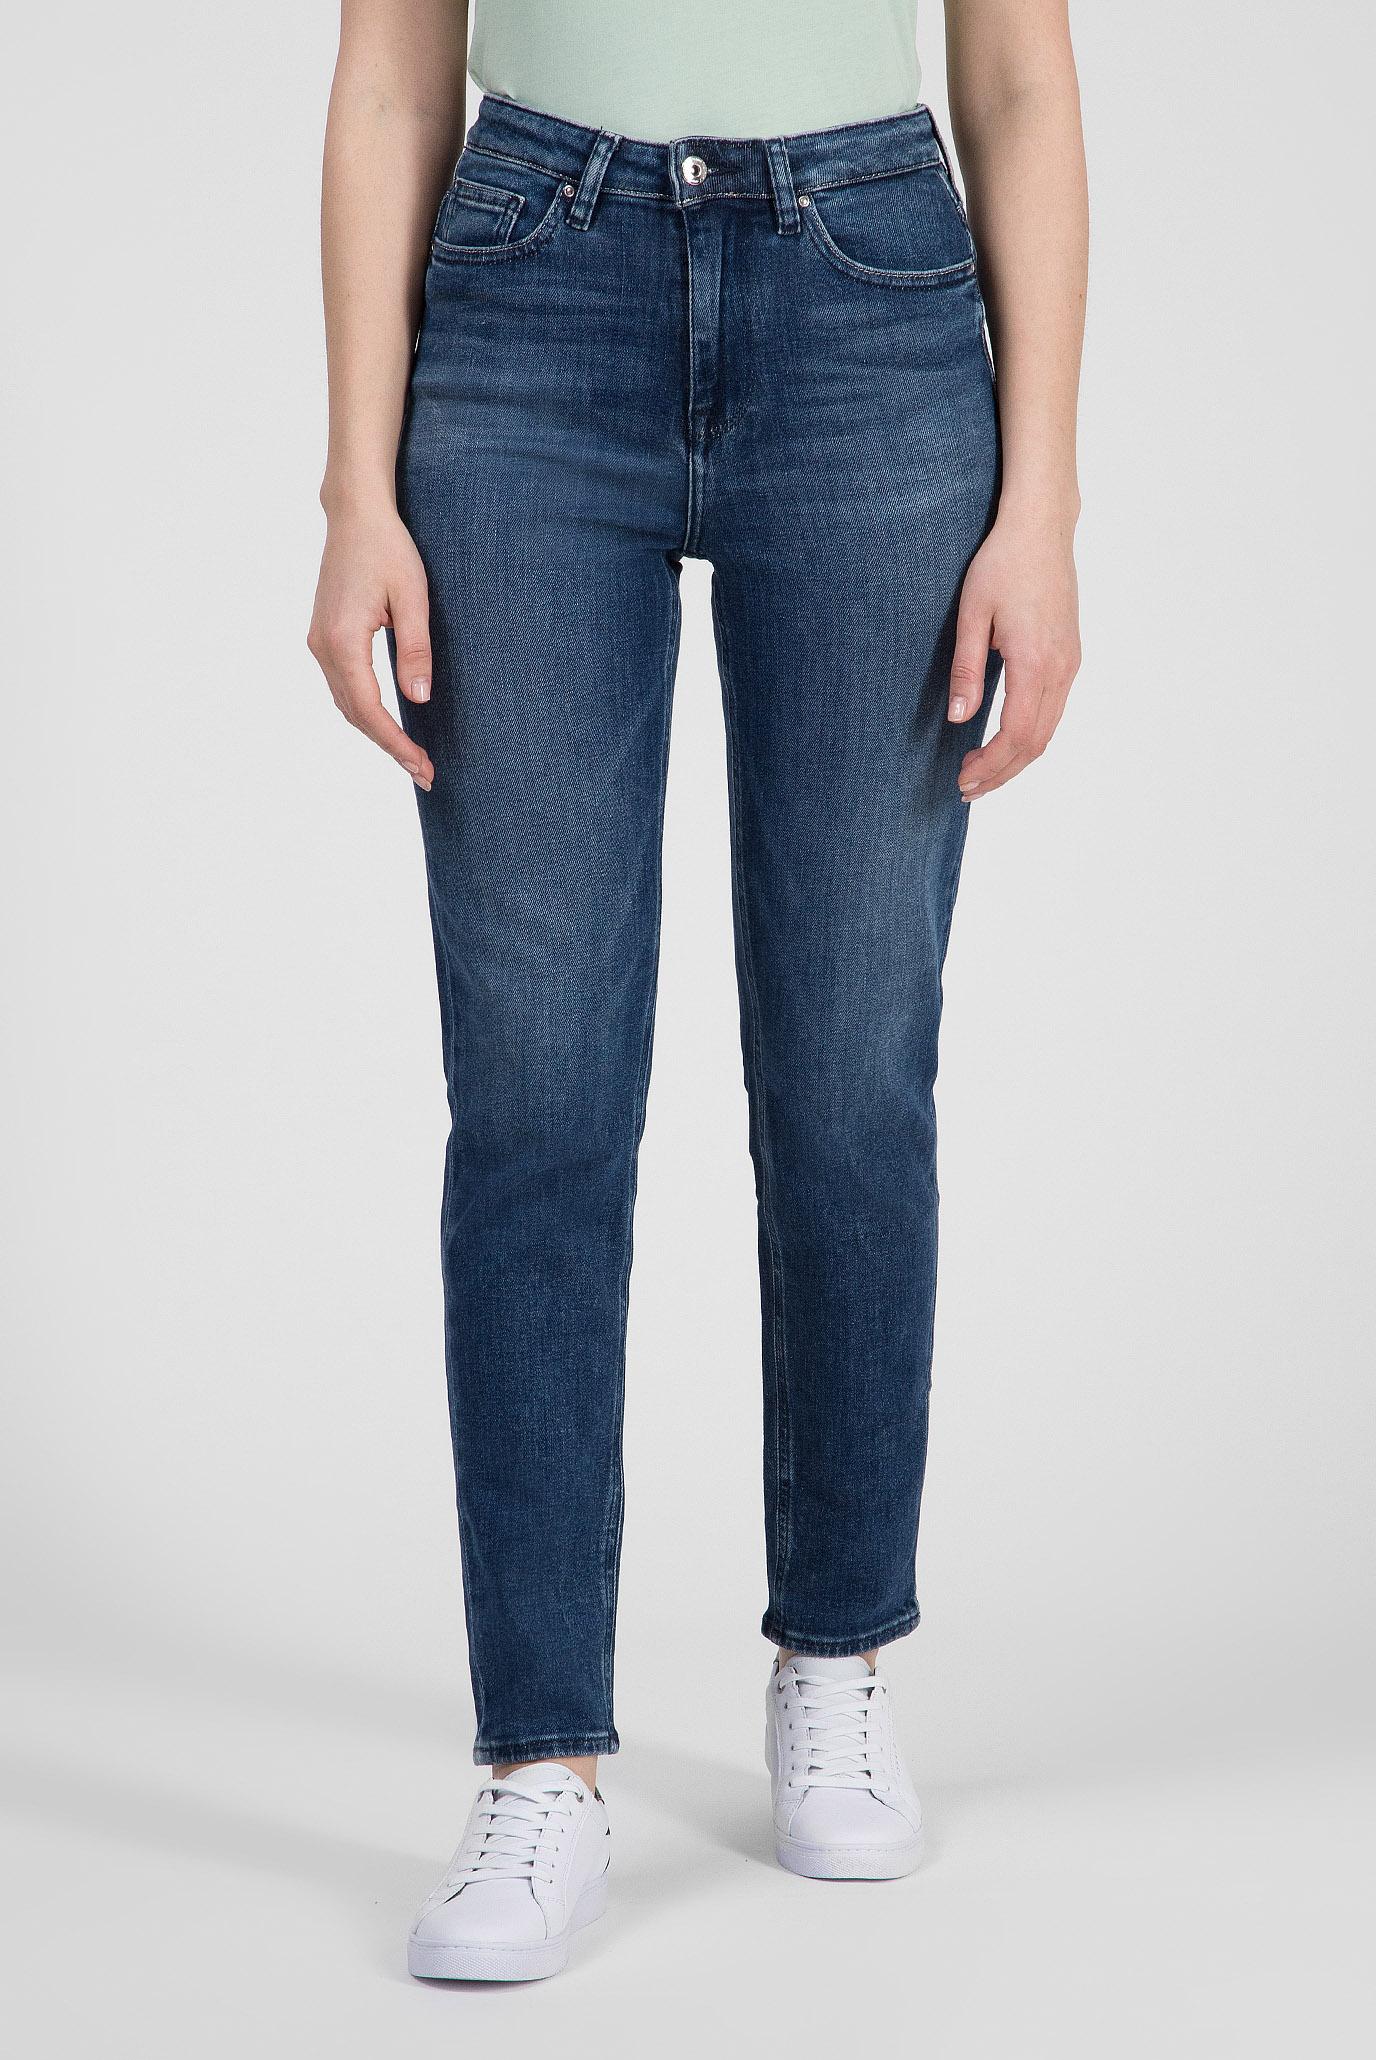 Купить Женские синие джинсы GRAMERCY Tommy Hilfiger Tommy Hilfiger WW0WW23819 – Киев, Украина. Цены в интернет магазине MD Fashion